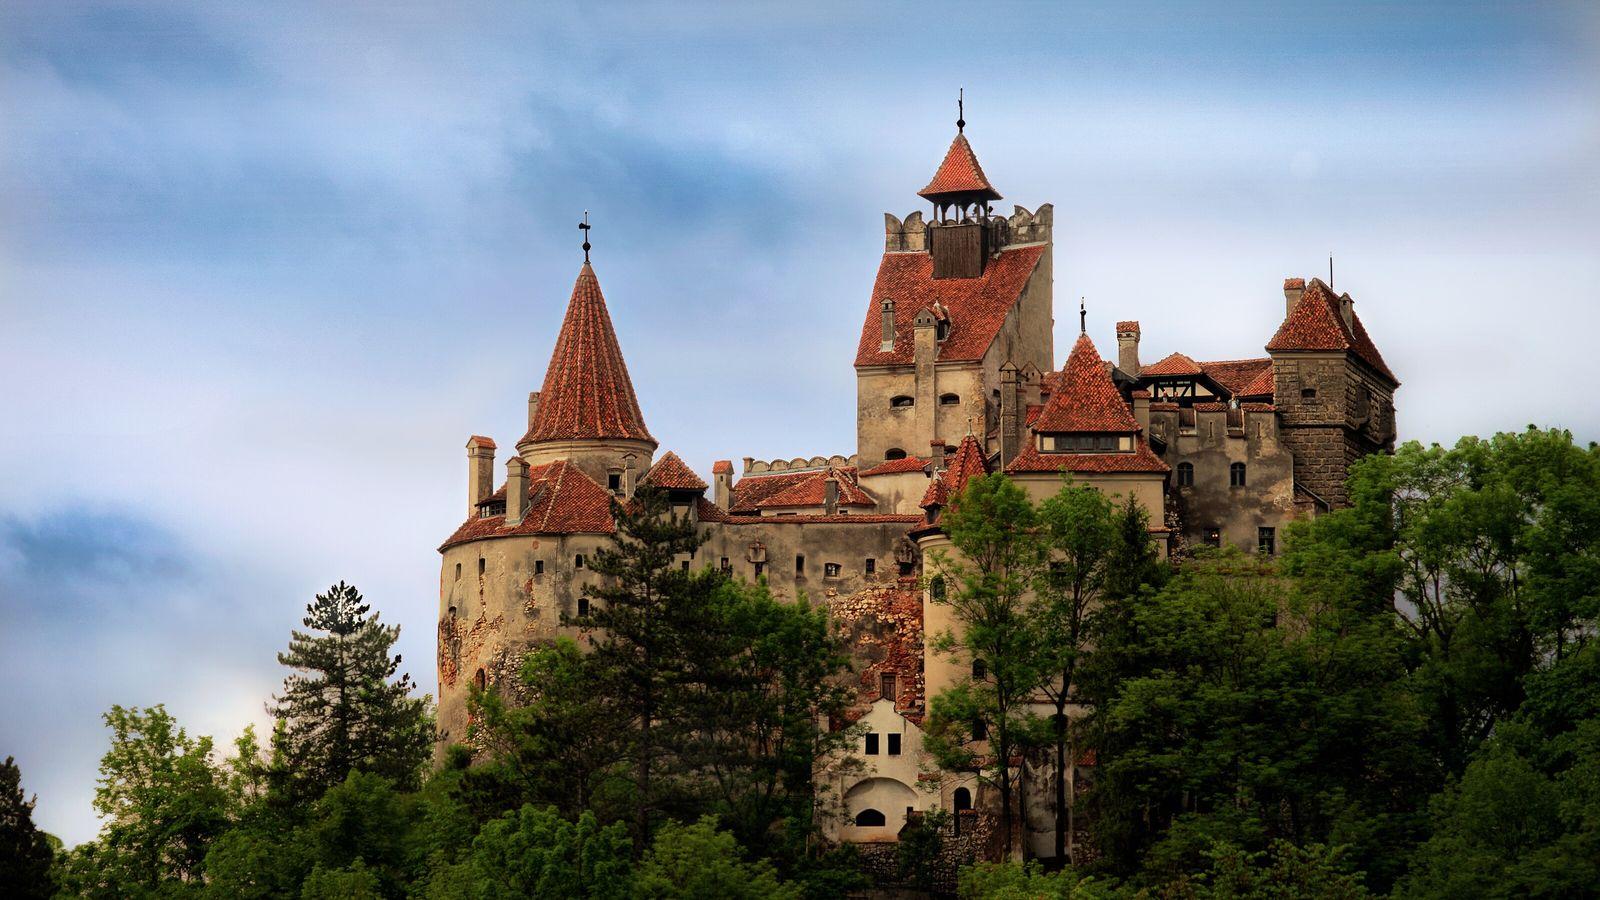 Le château de Bran (Castelul Bran en roumain) situé en Transylvanie, non loin de la limite avec la Valachie, est un monument historique classé en Roumanie.